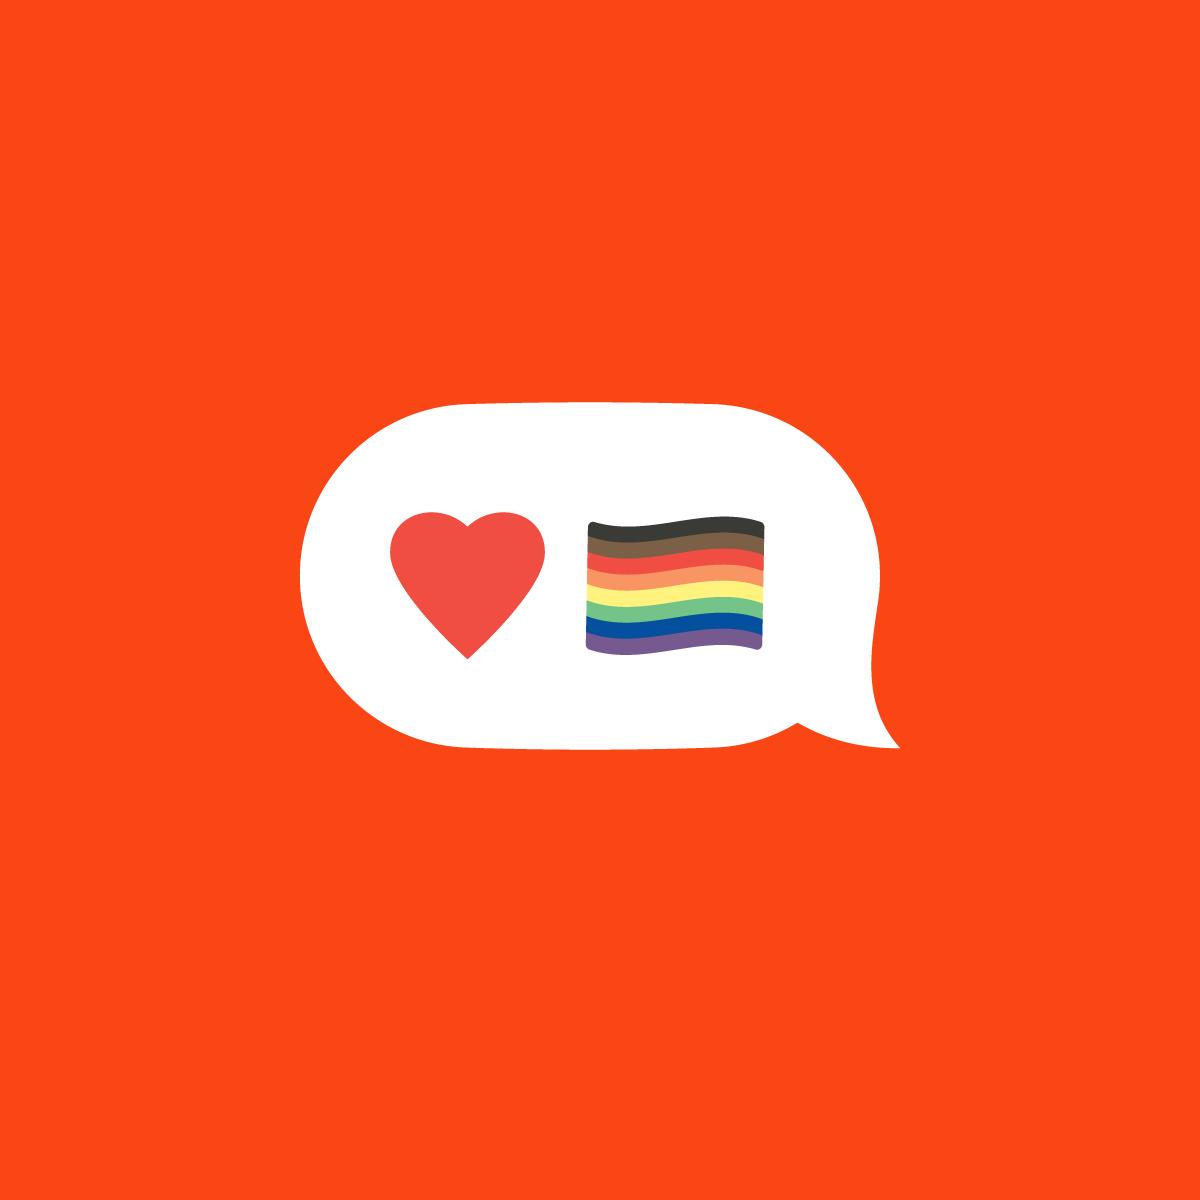 Pride_05.png